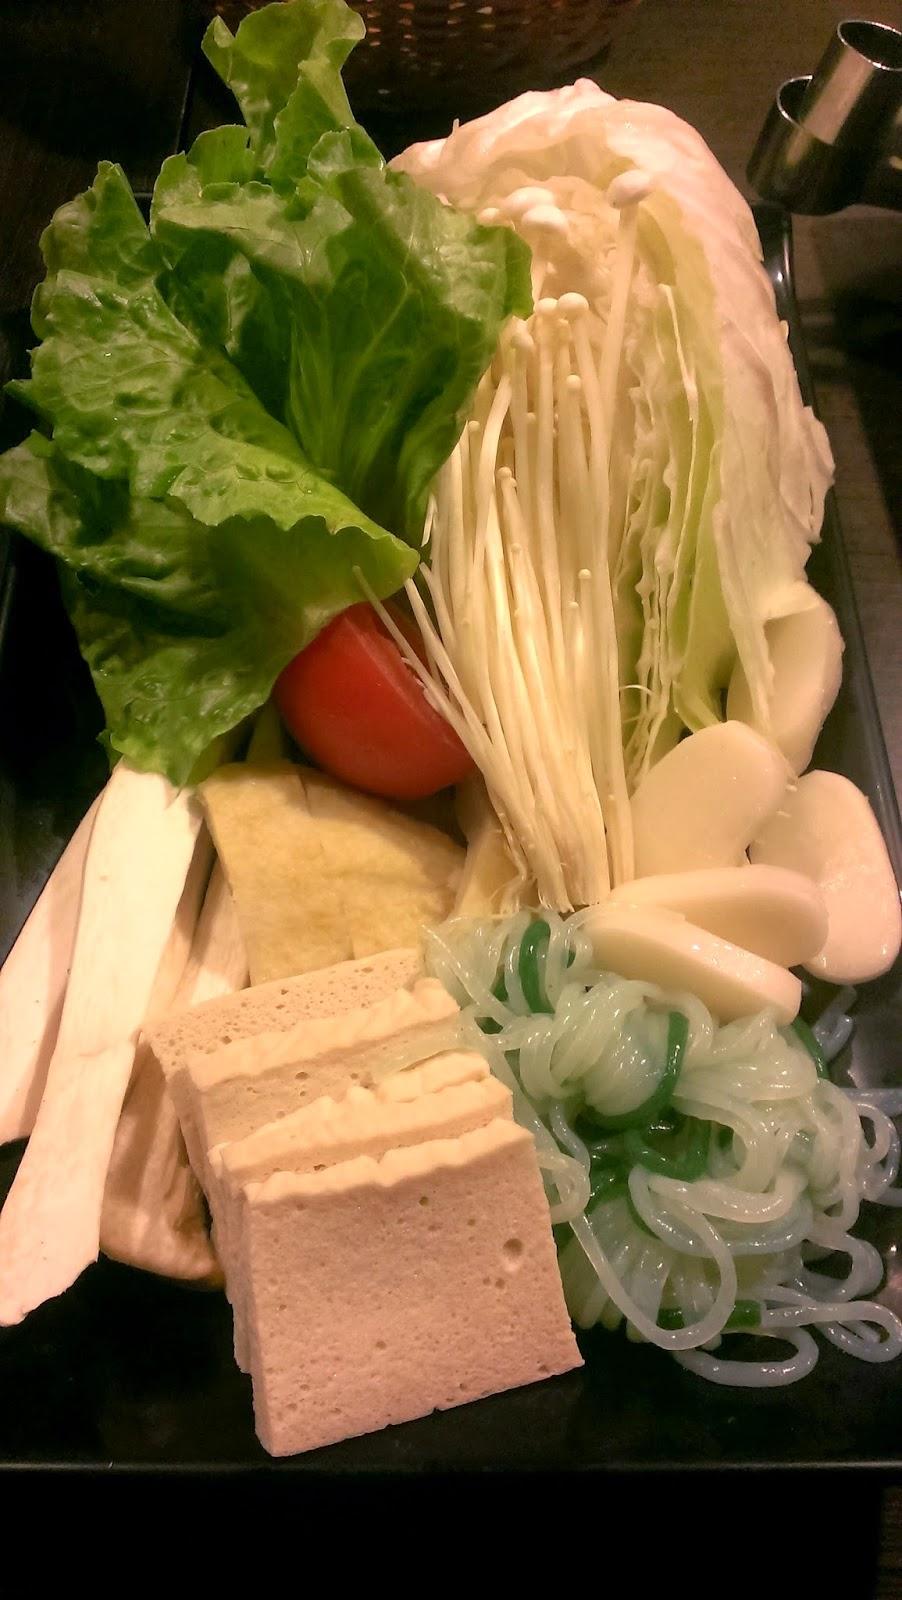 2014 11 09%2B17.18.11 - [食記] 潮肉壽喜燒 - 平價多樣的壽喜燒吃到飽